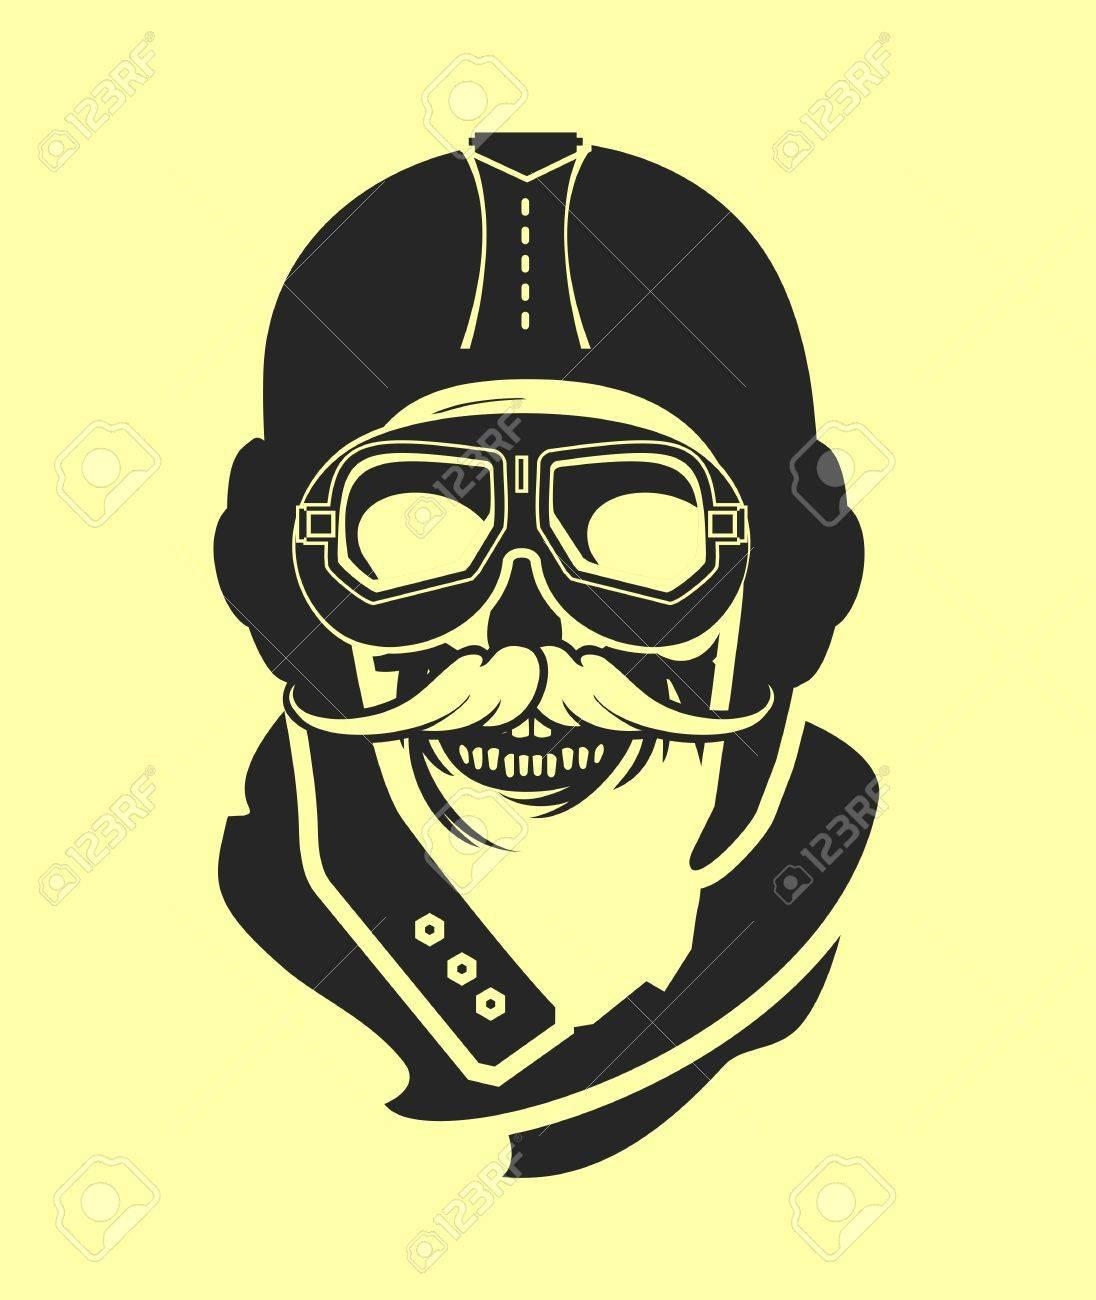 fc1de4fbe3 Dead pilot image of skull in helmet poster black and white Stock Vector -  56382509